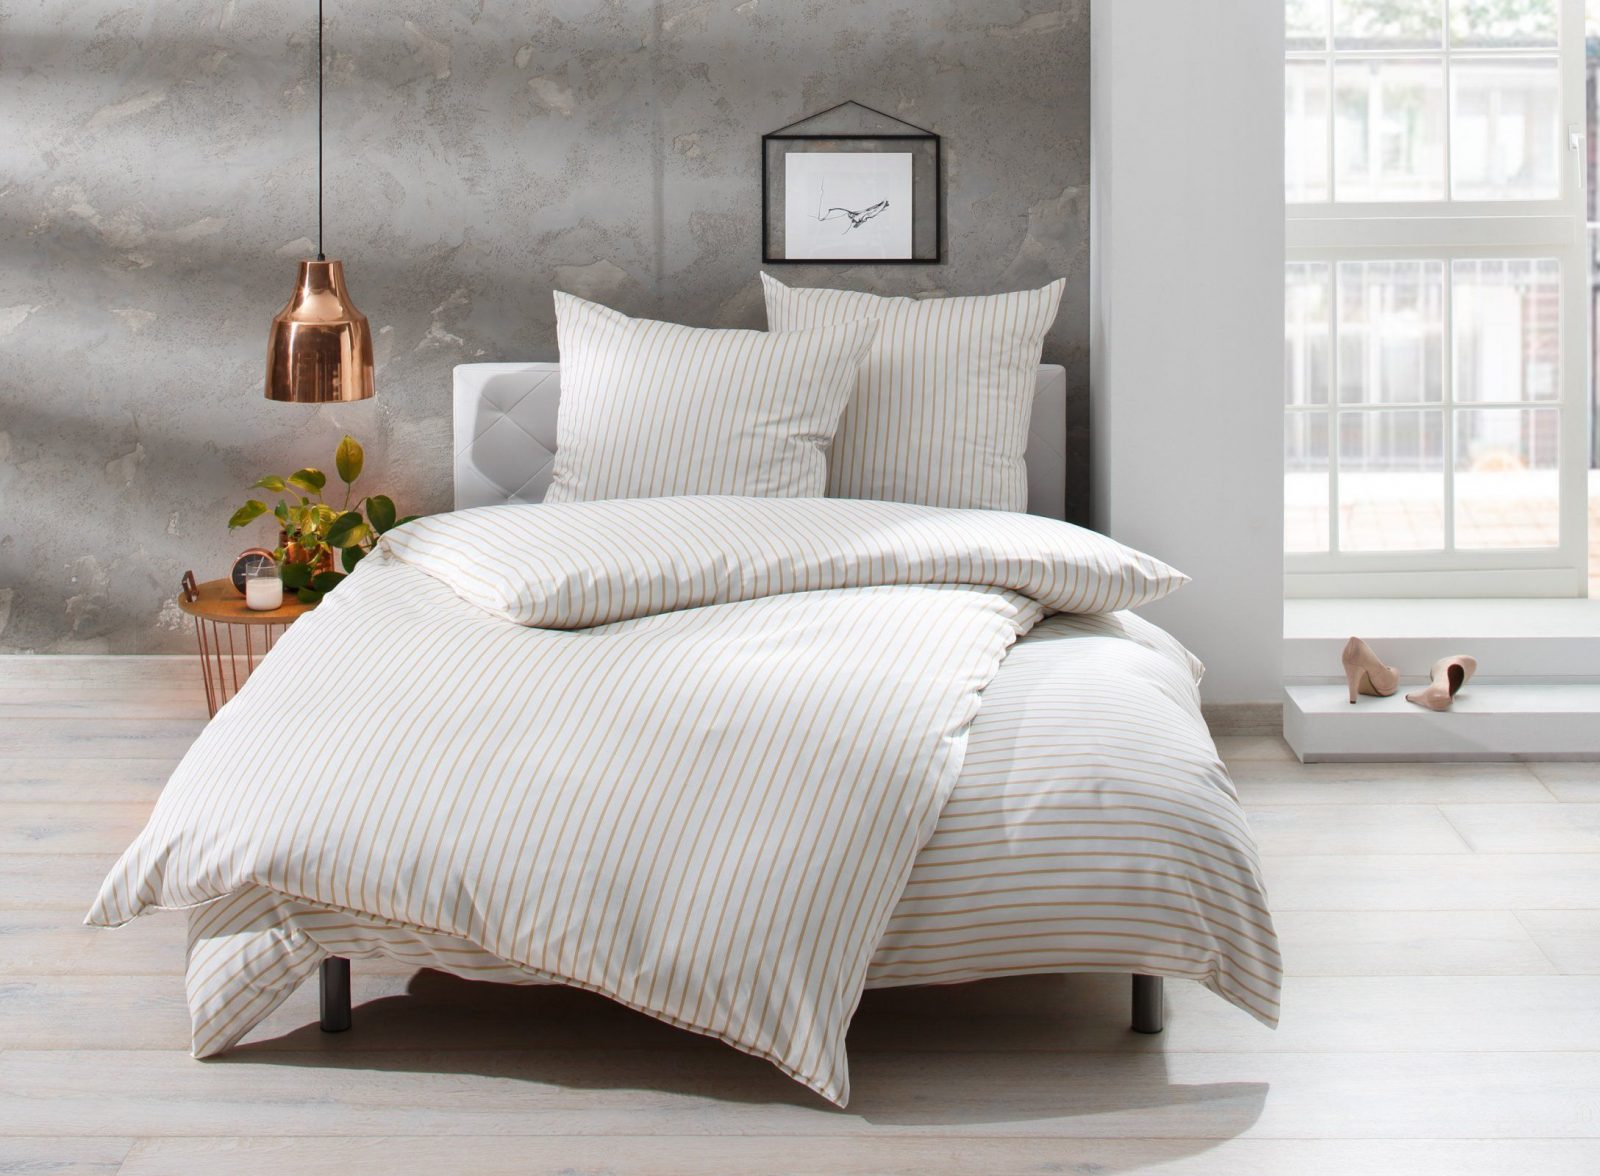 Mako Satin Streifen Bettwäsche Beige Weiß Gestreift Online Kaufen  Bms von Bettwäsche Rot Weiß Gestreift Bild